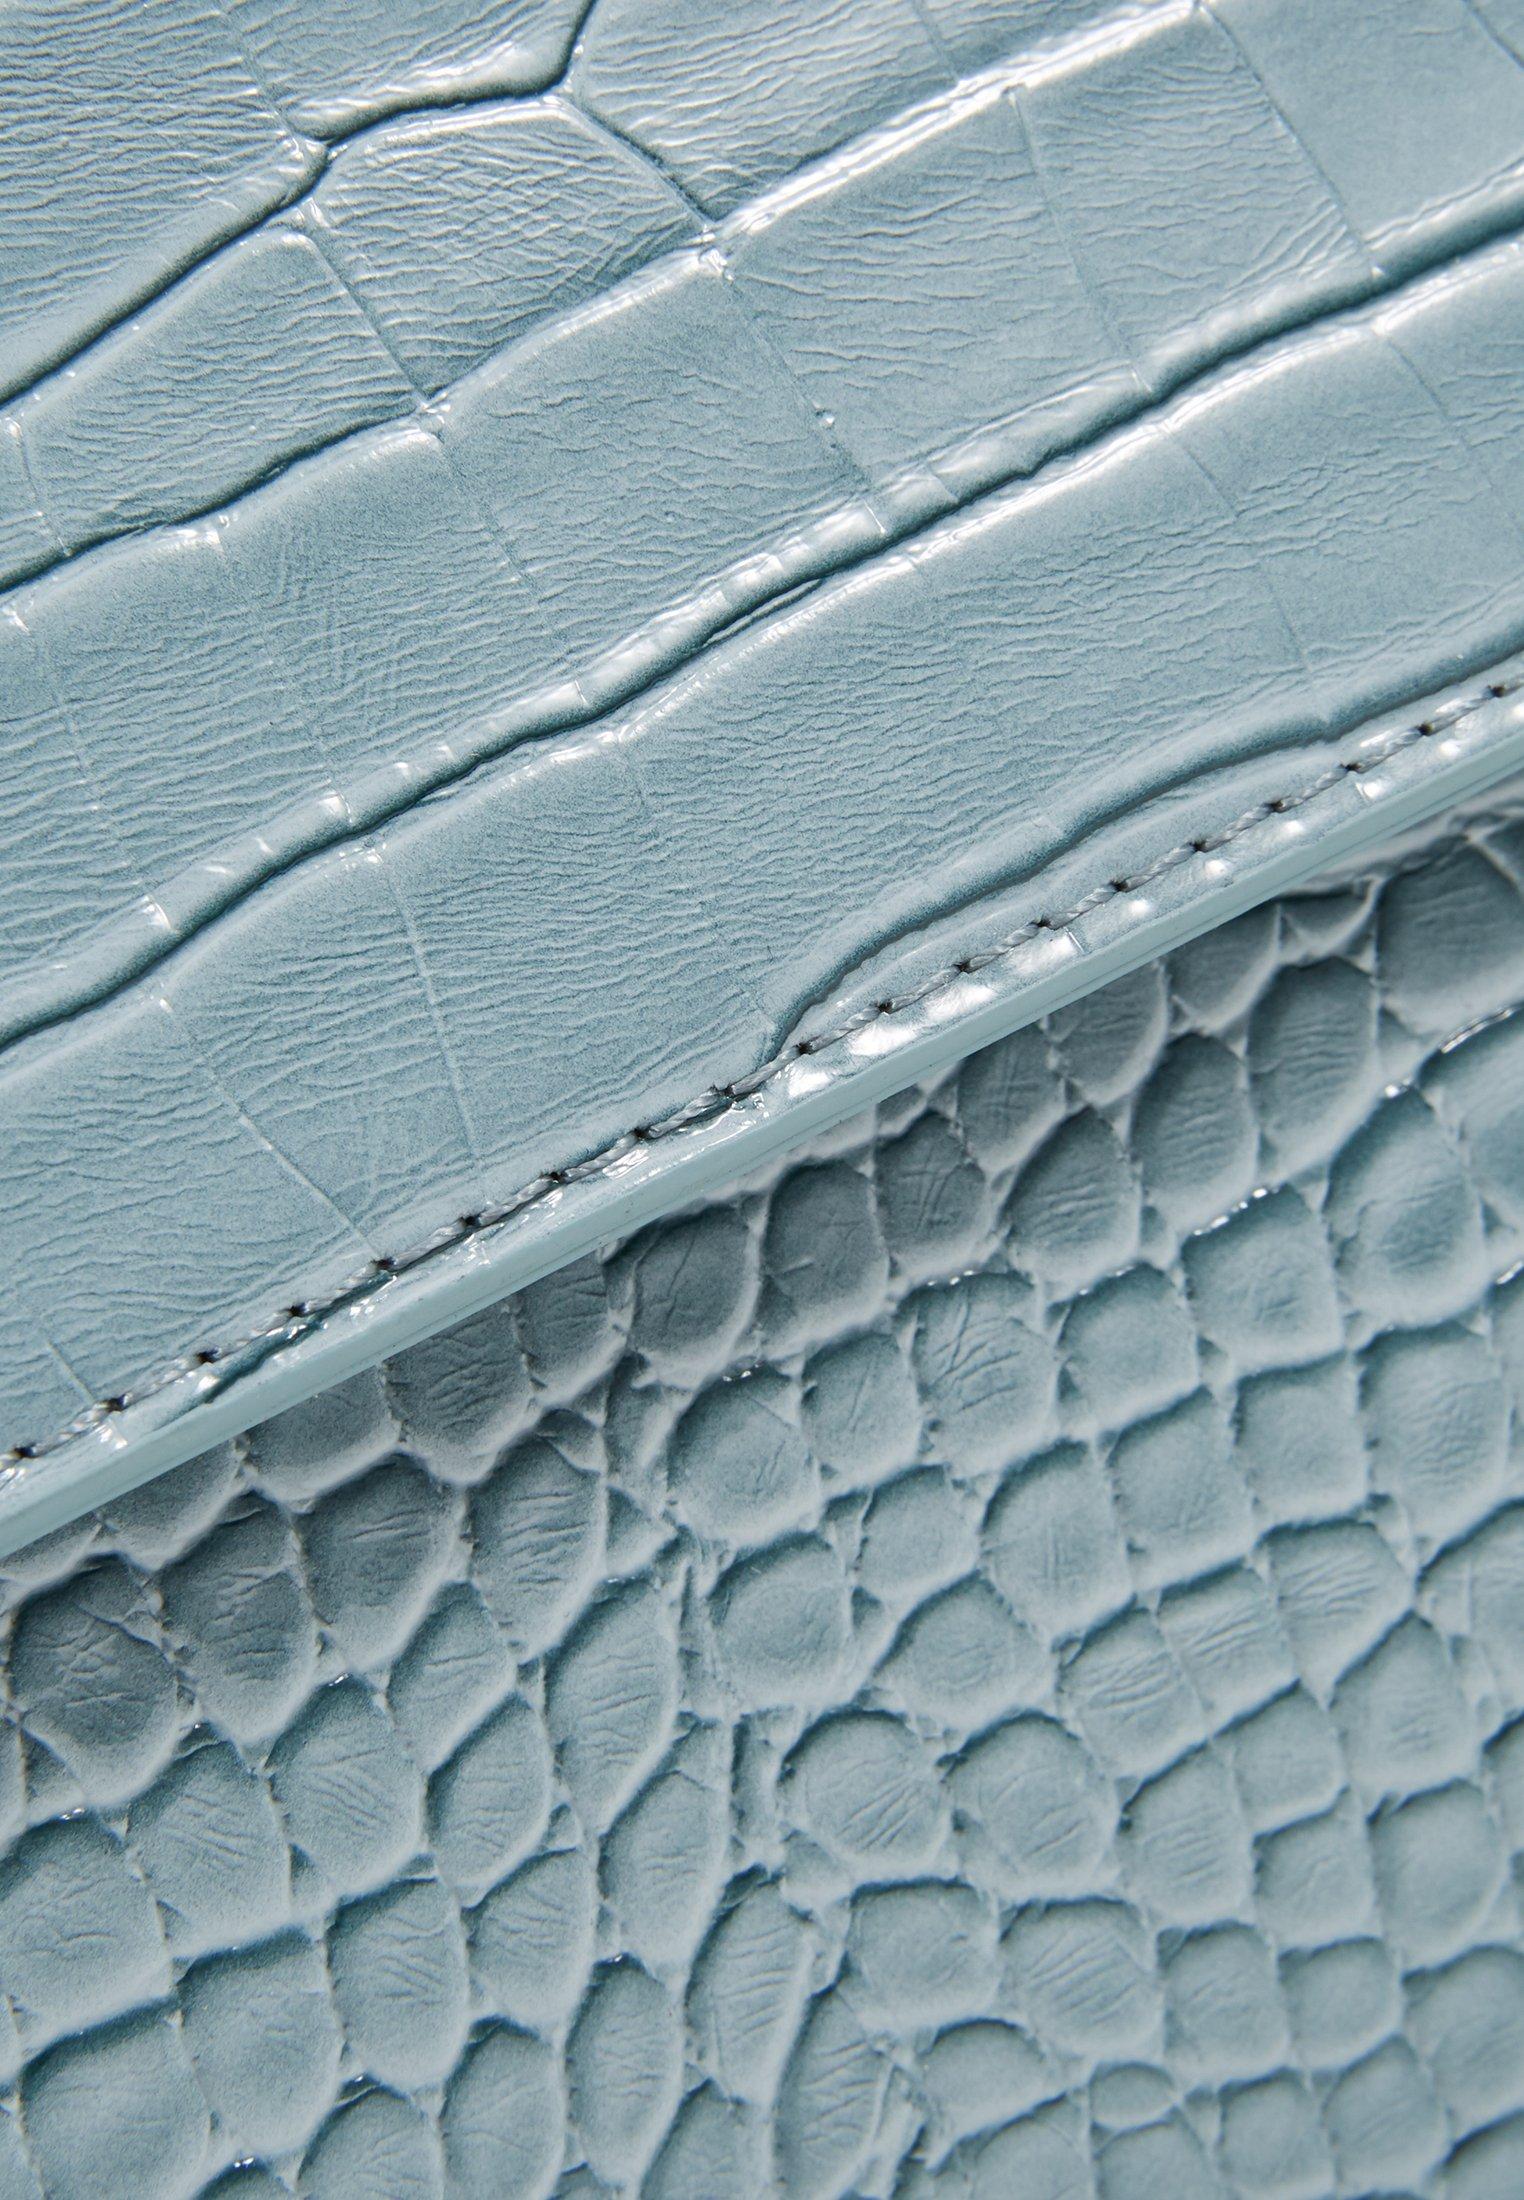 Hvisk Cayman Shiny Strap Bag - Umhängetasche Baby Blue/hellblau